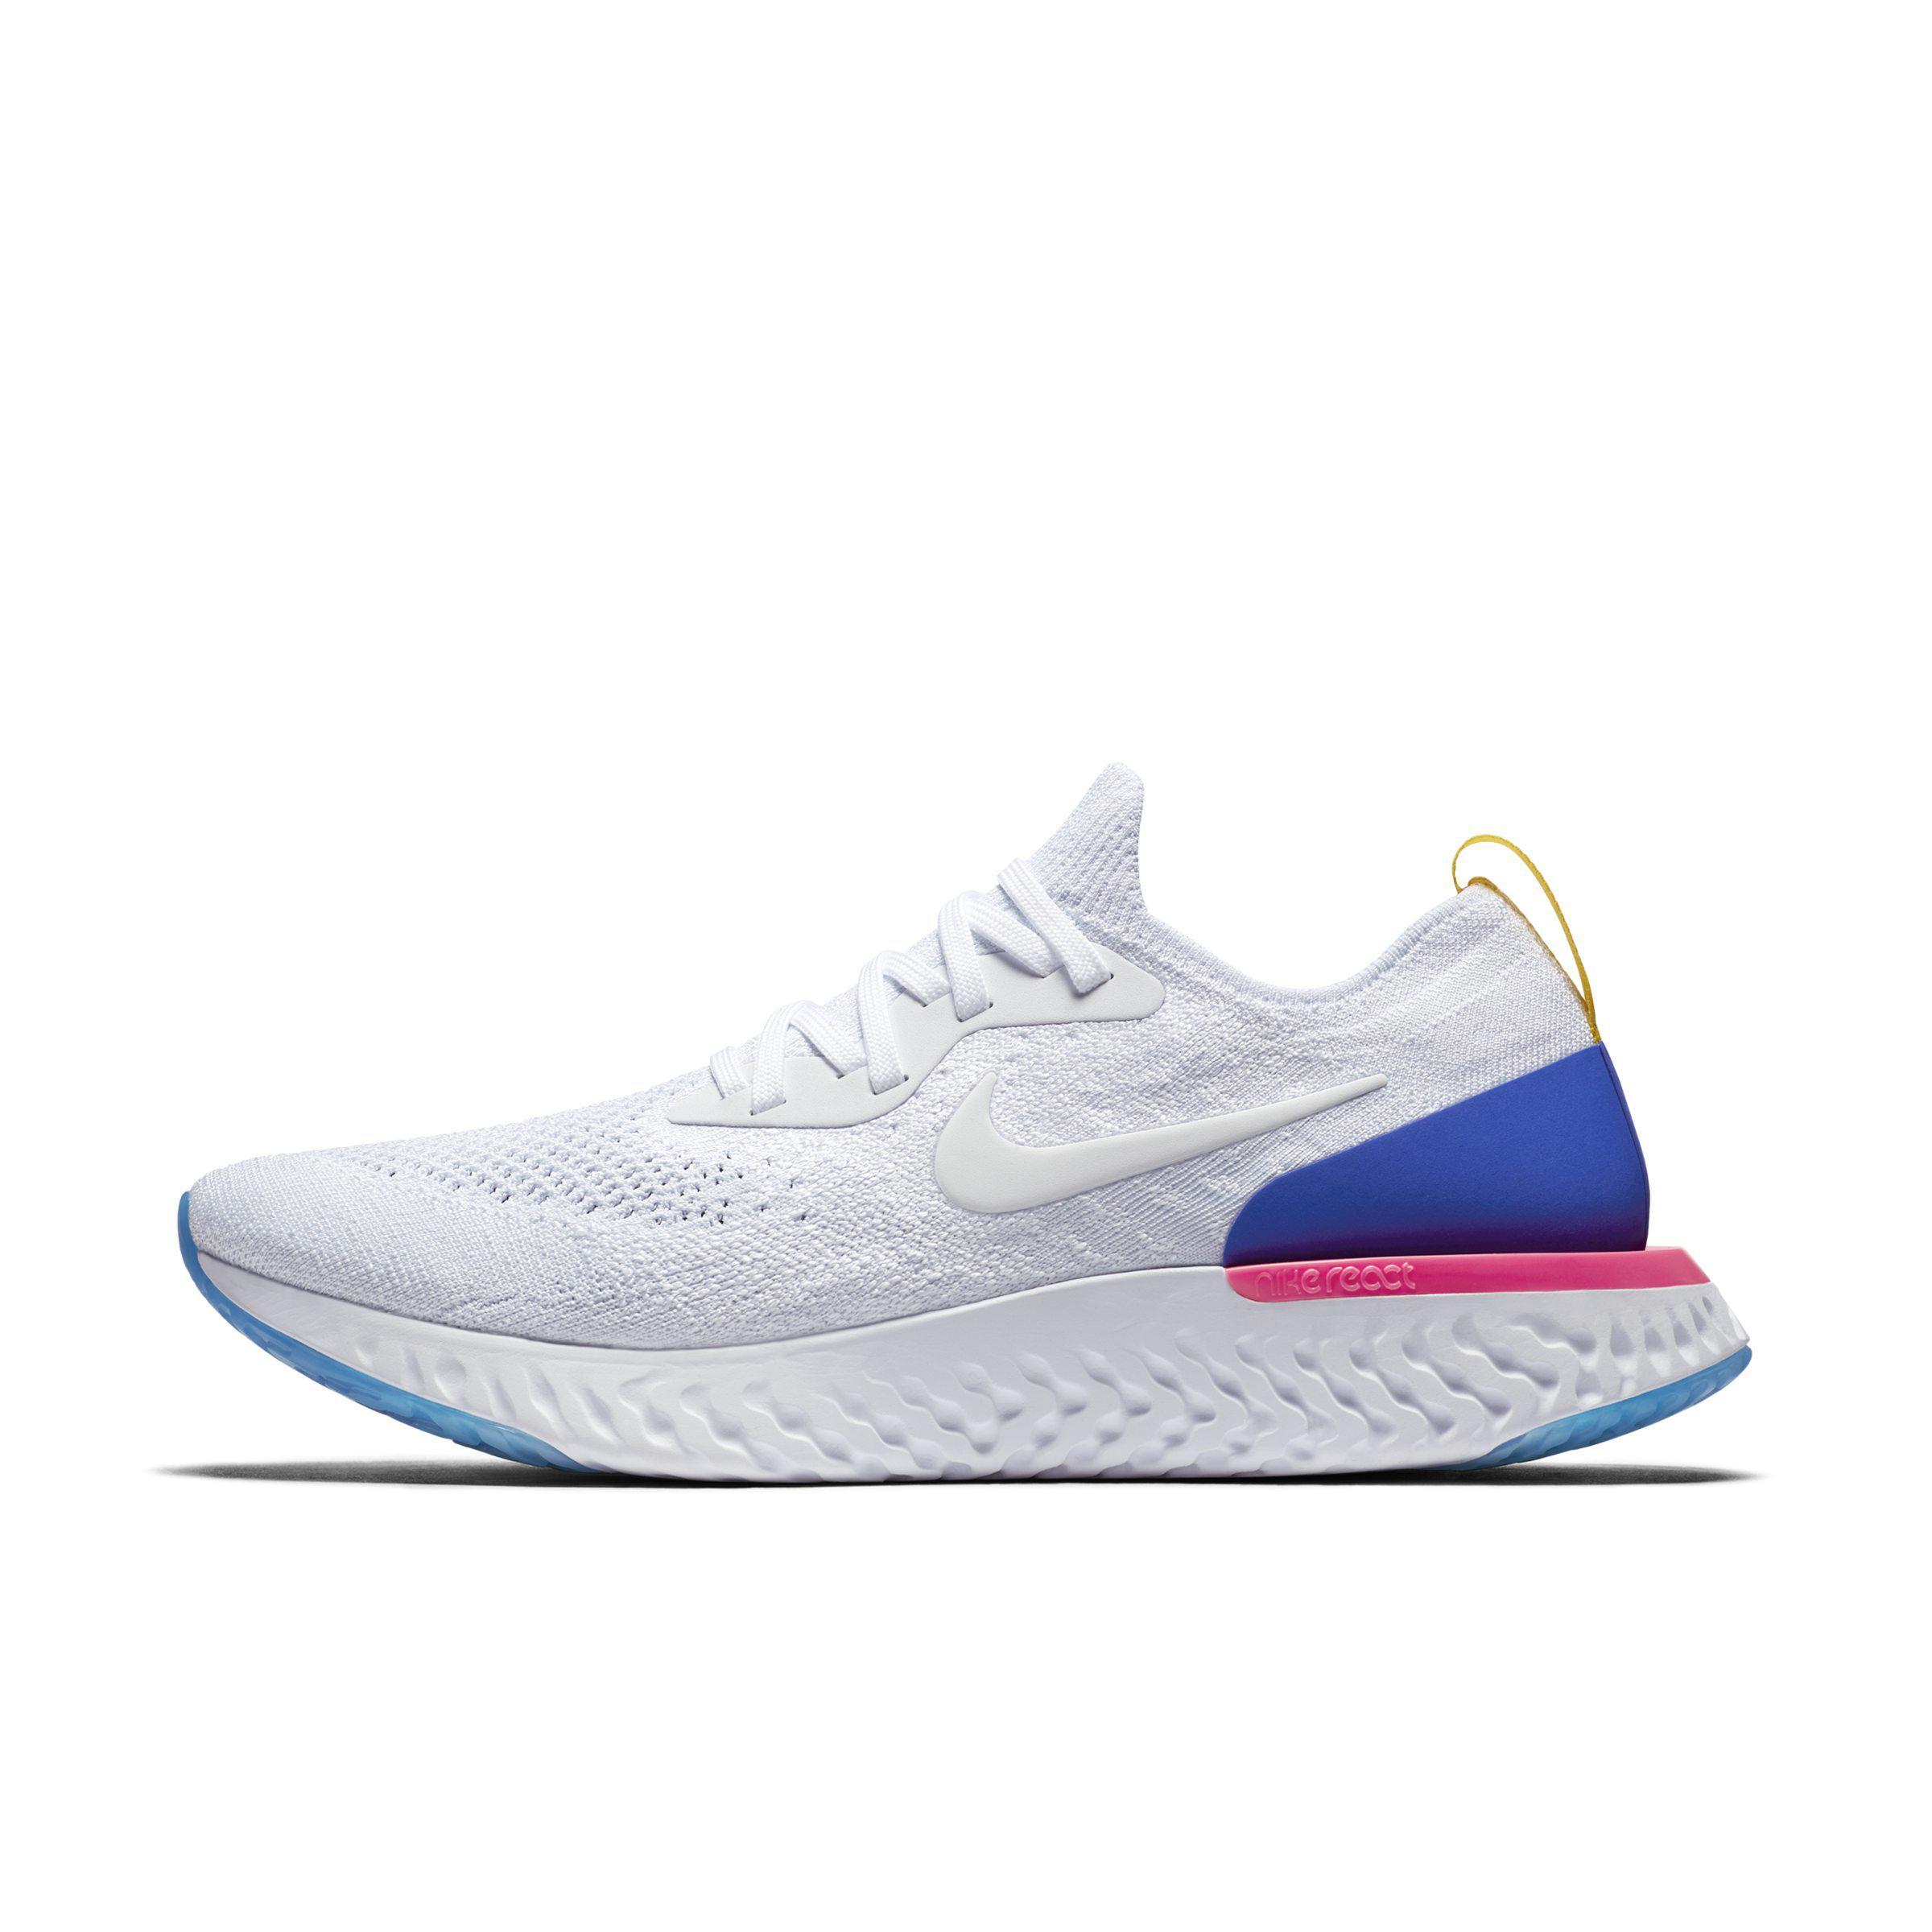 51d5d0377144 Nike Epic React Flyknit Running Shoe in White for Men - Lyst